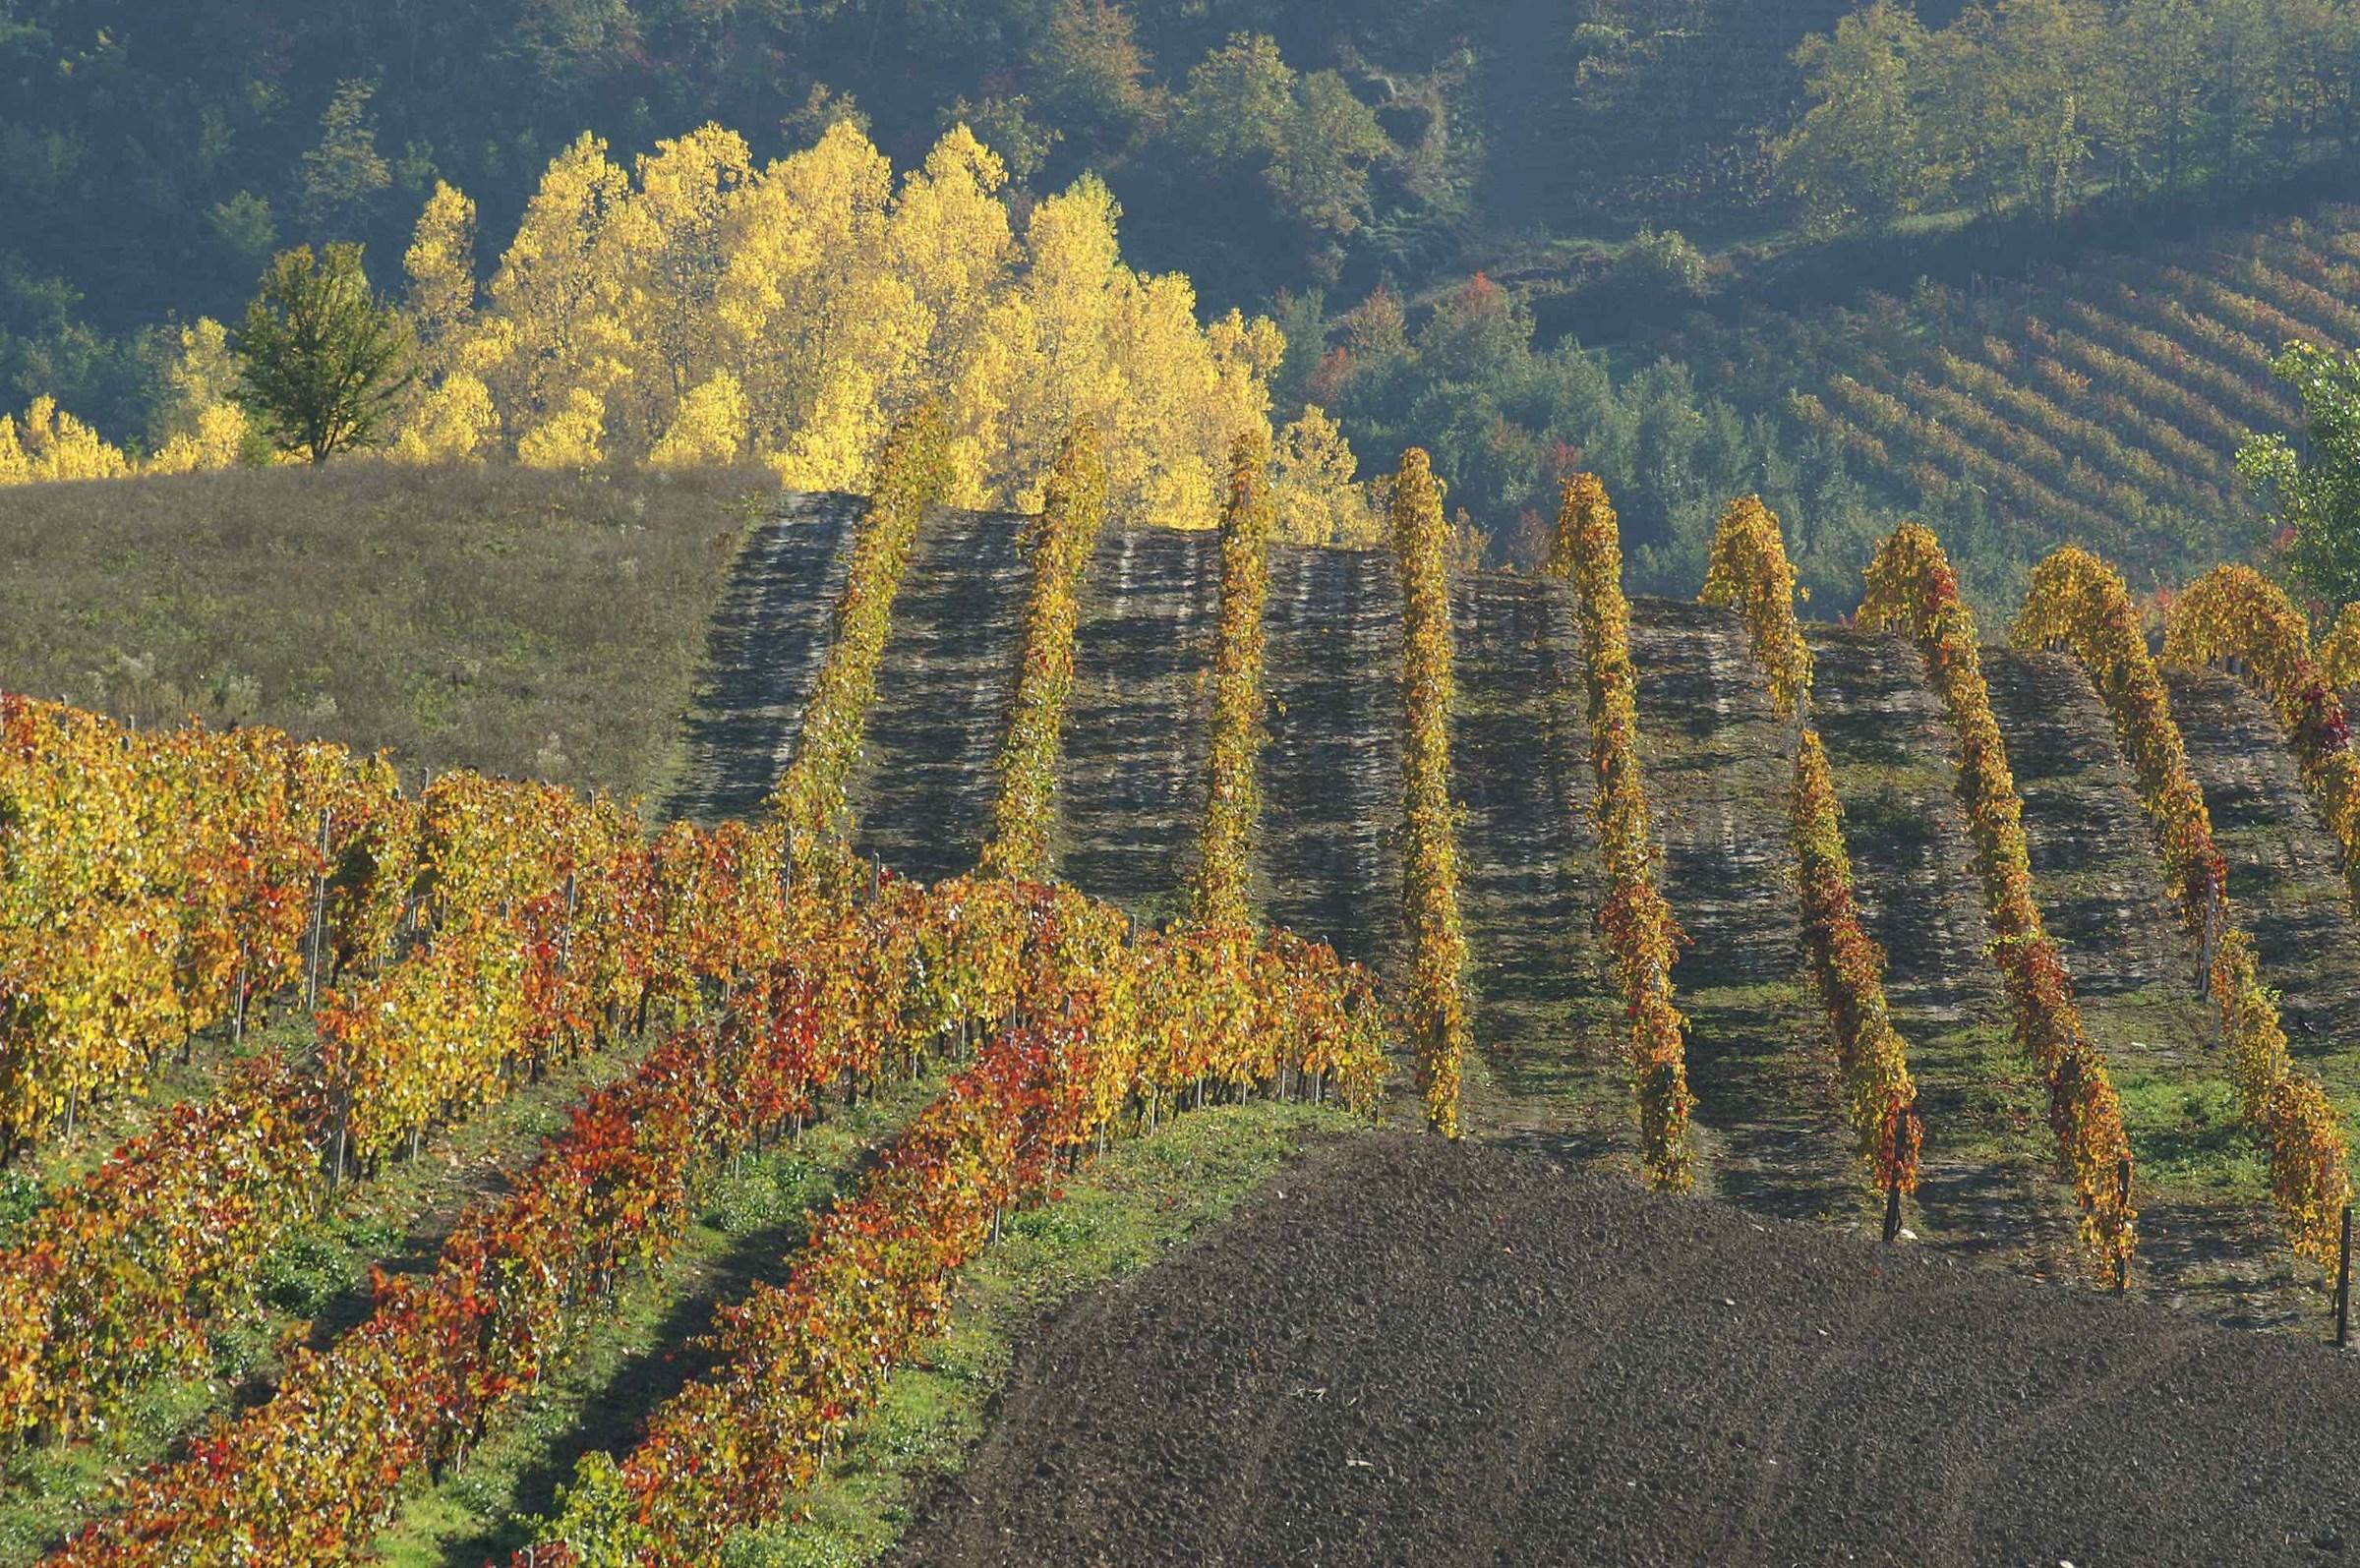 vigne colorate...